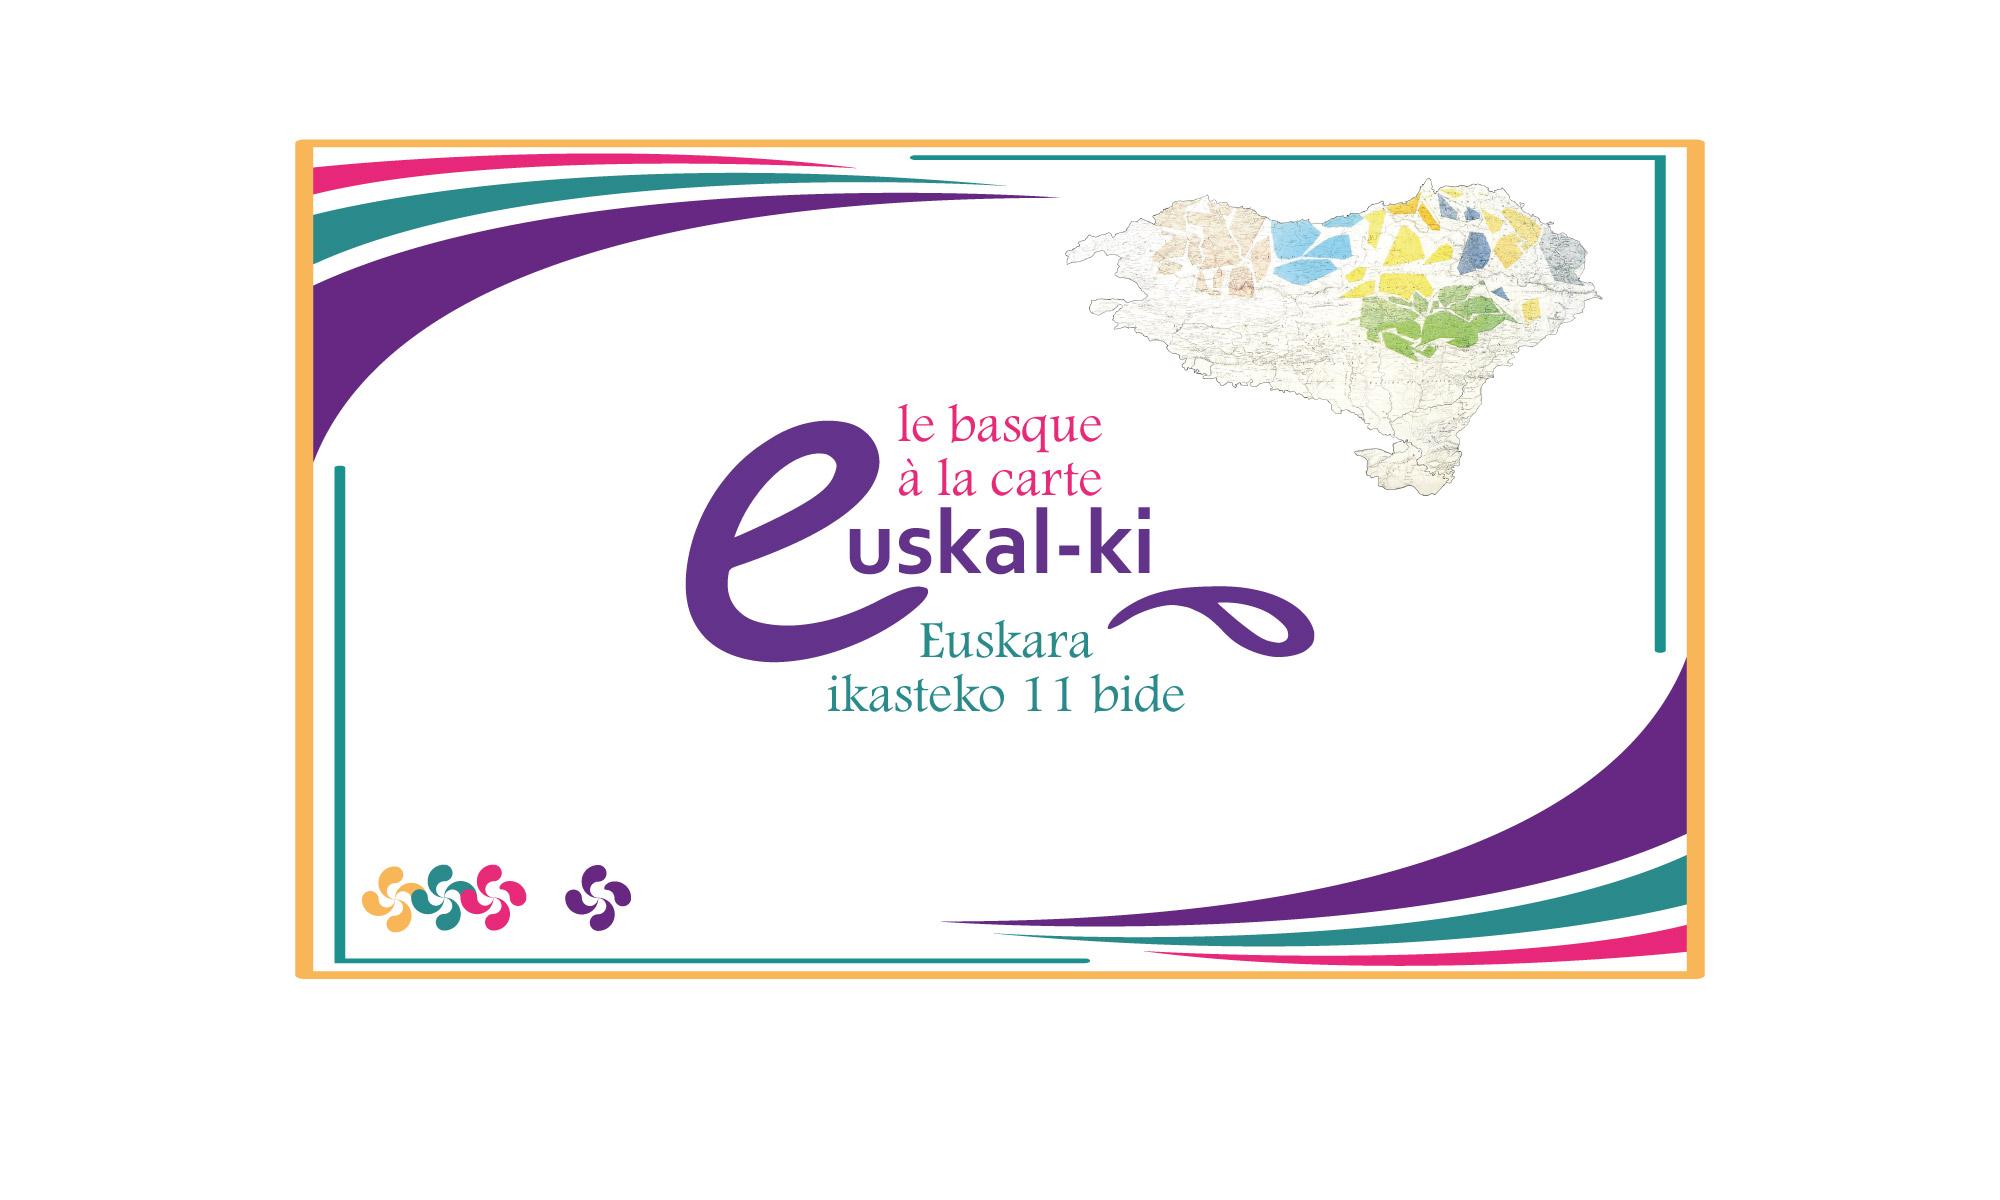 les cours de basque à la carte